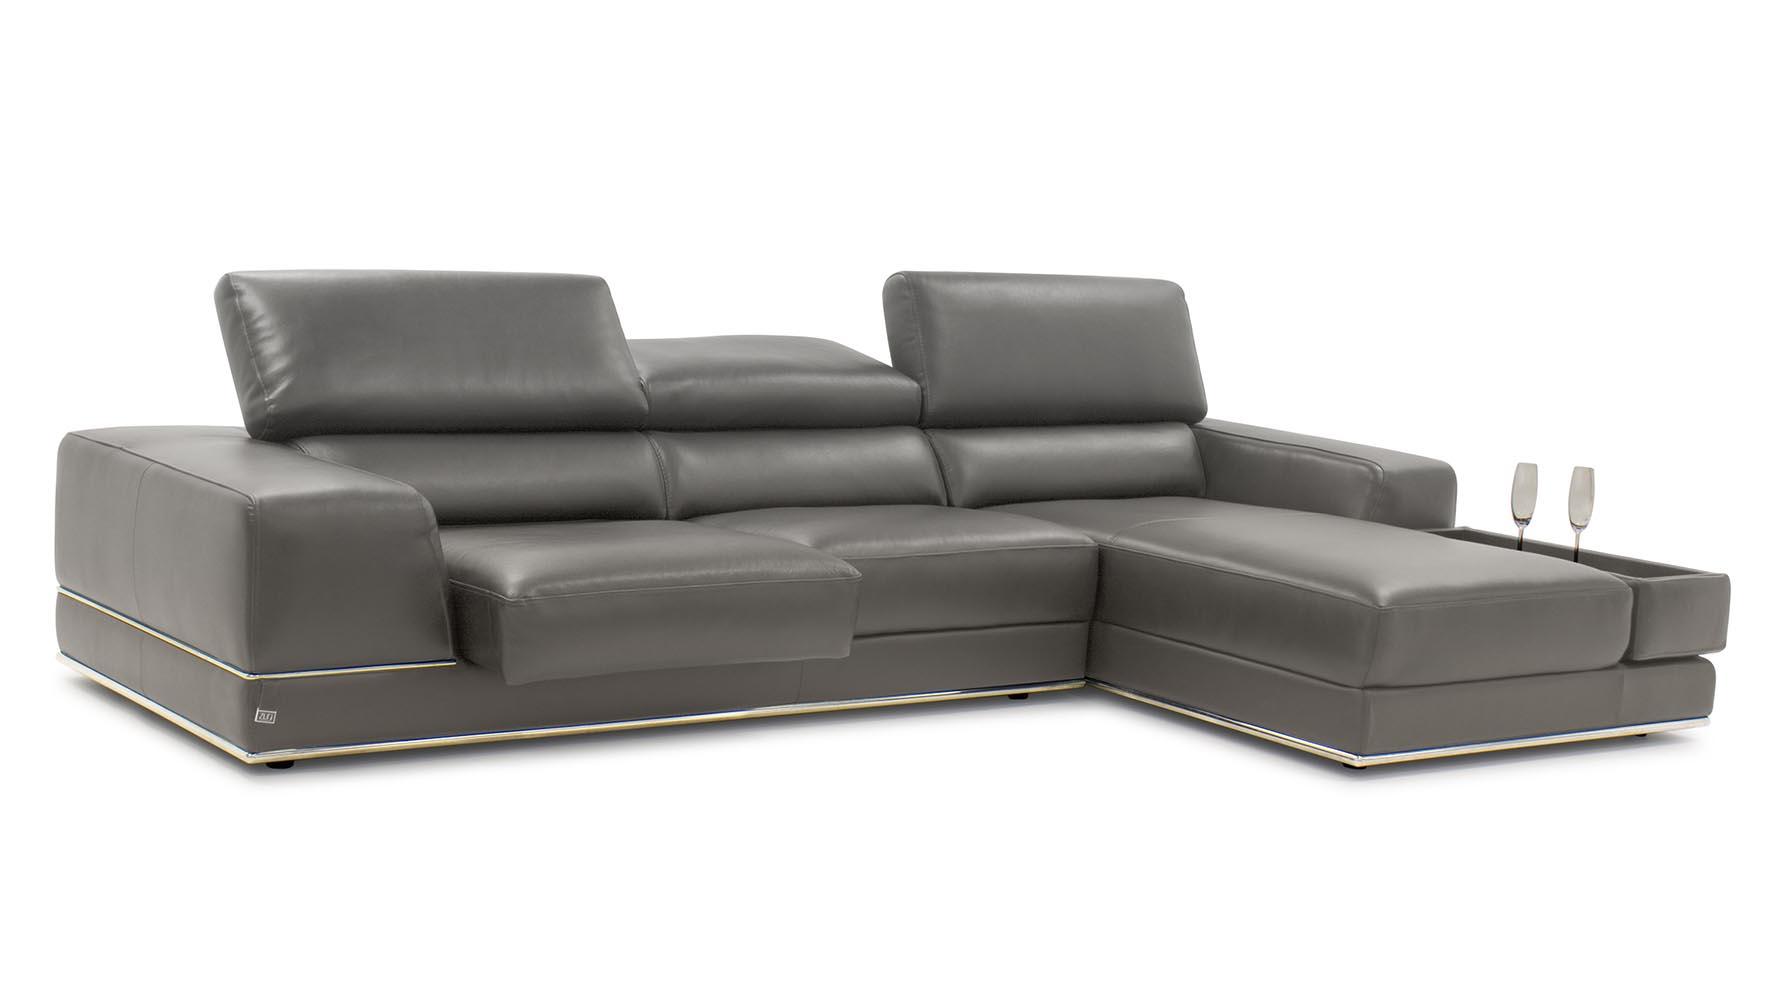 Encore slate leather sofa zuri furniture for Ashley encore grain chaise